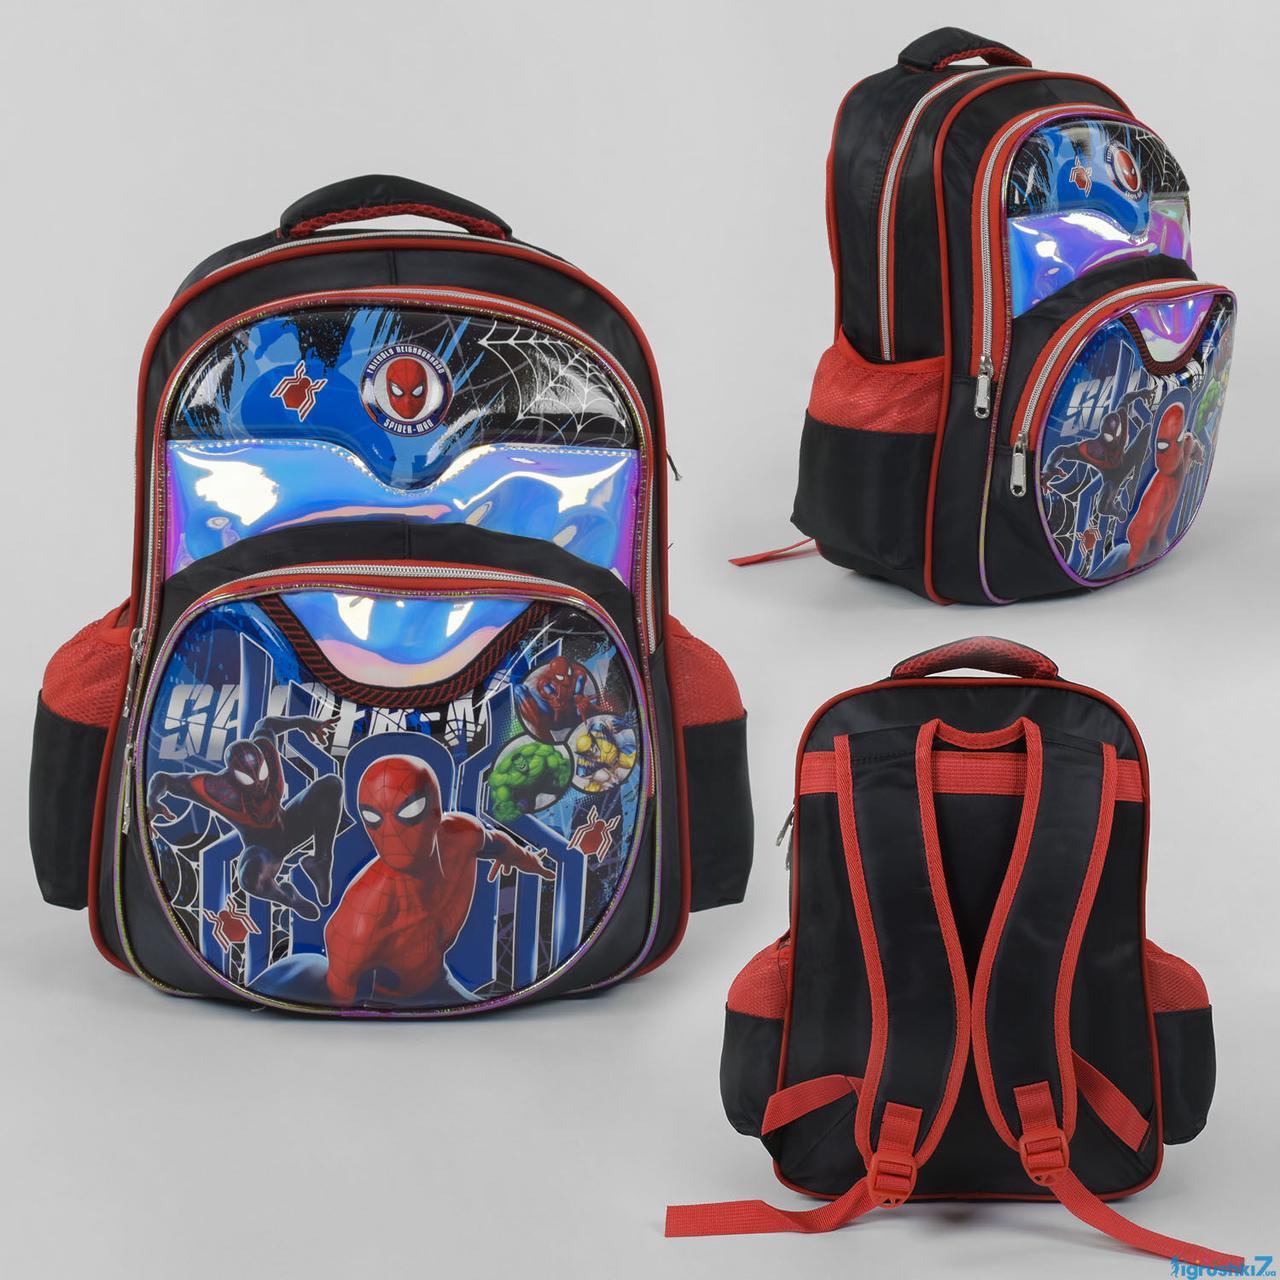 + Подарок Рюкзак школьный 3D принт, 1 отделение, 2 кармана, мягкая спинка, в пакете